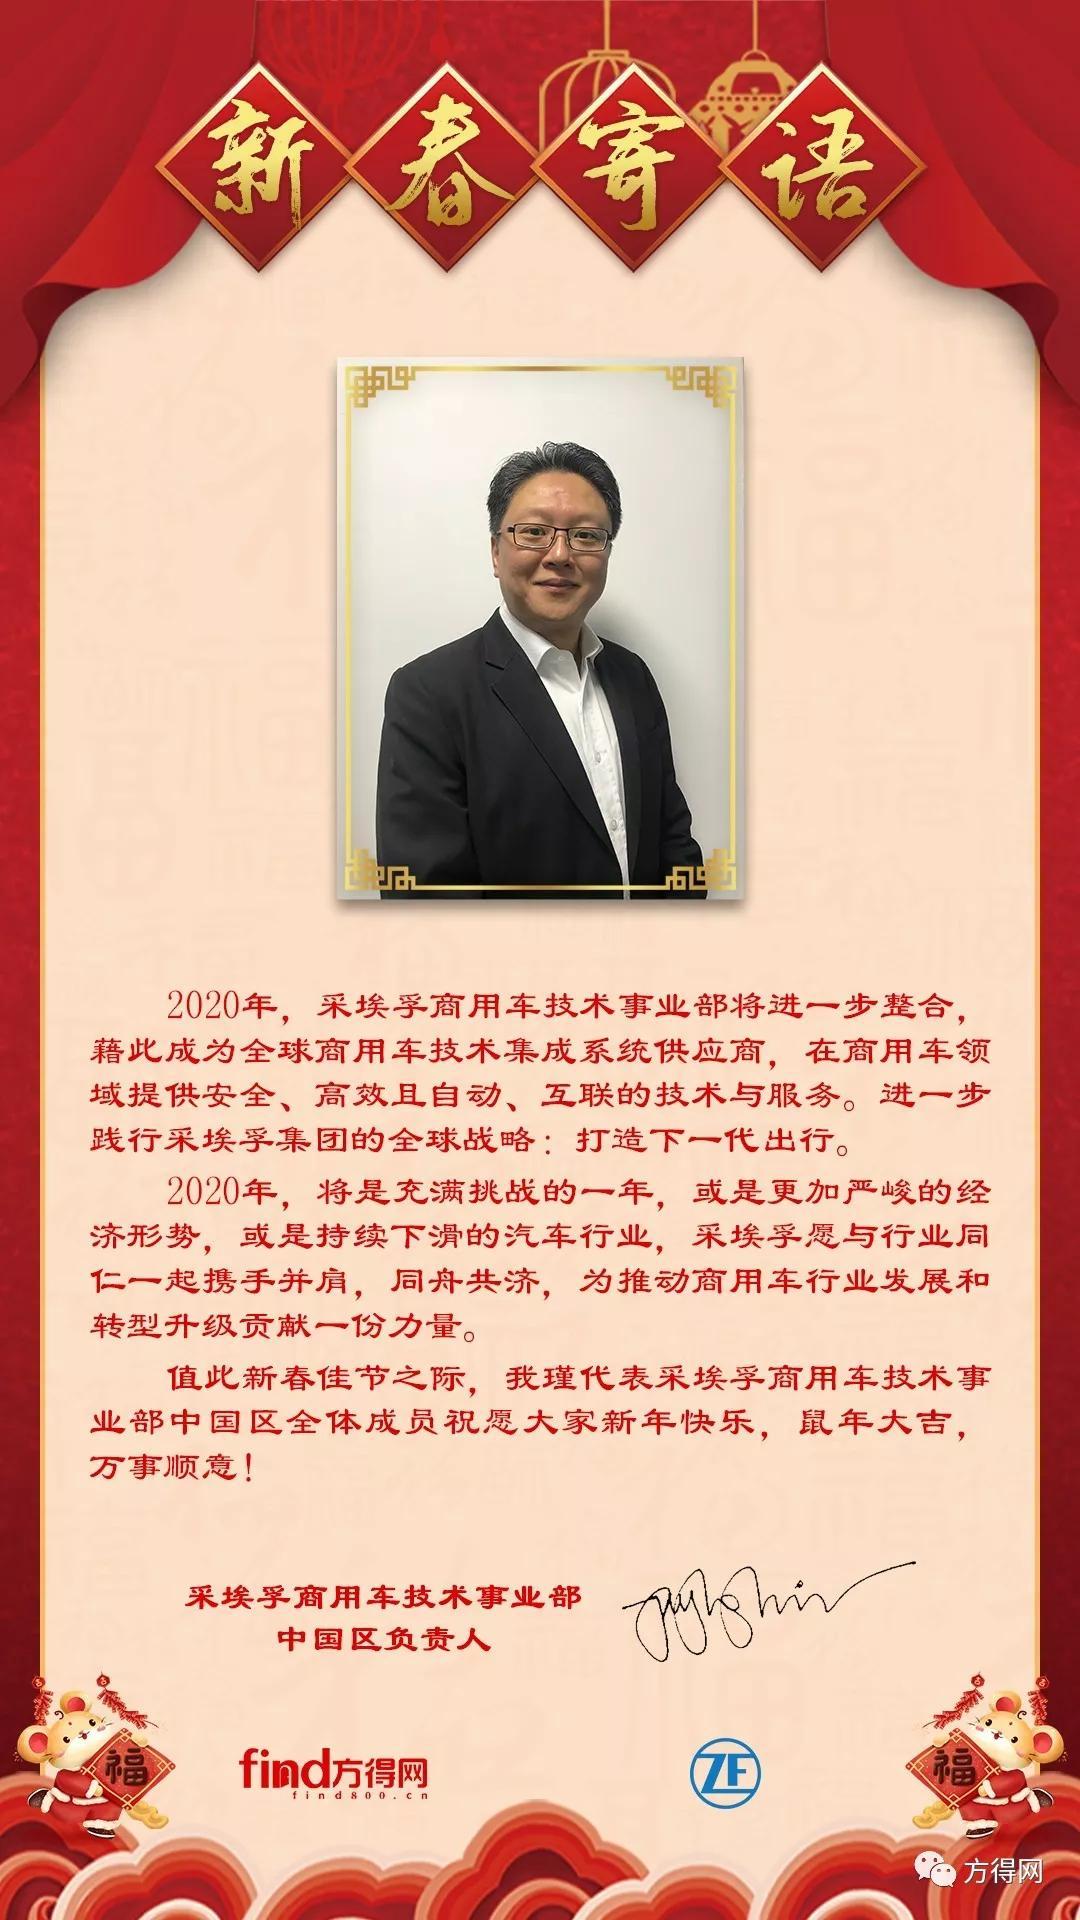 采埃孚商用车技术事业部、中国区负责人戴章煜给您拜年了